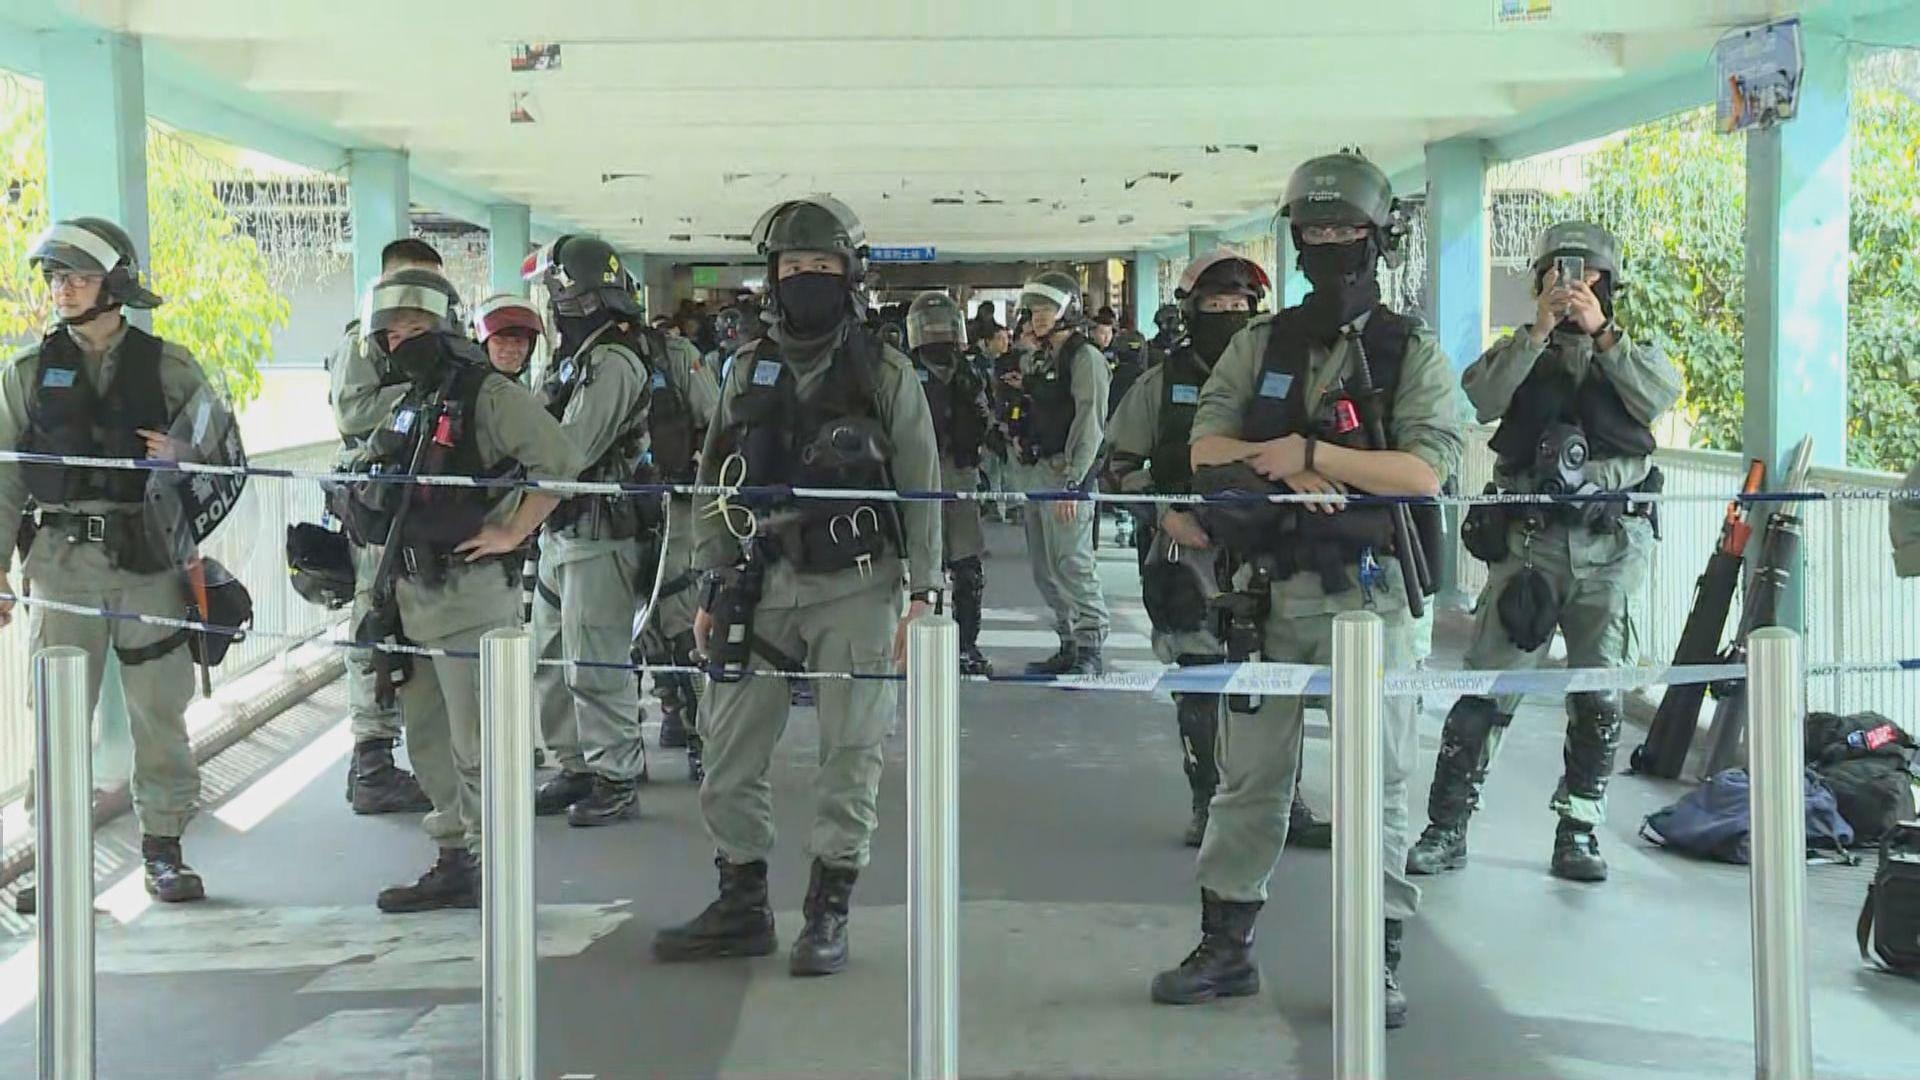 大批防暴警察上水遊行開始前已在附近戒備